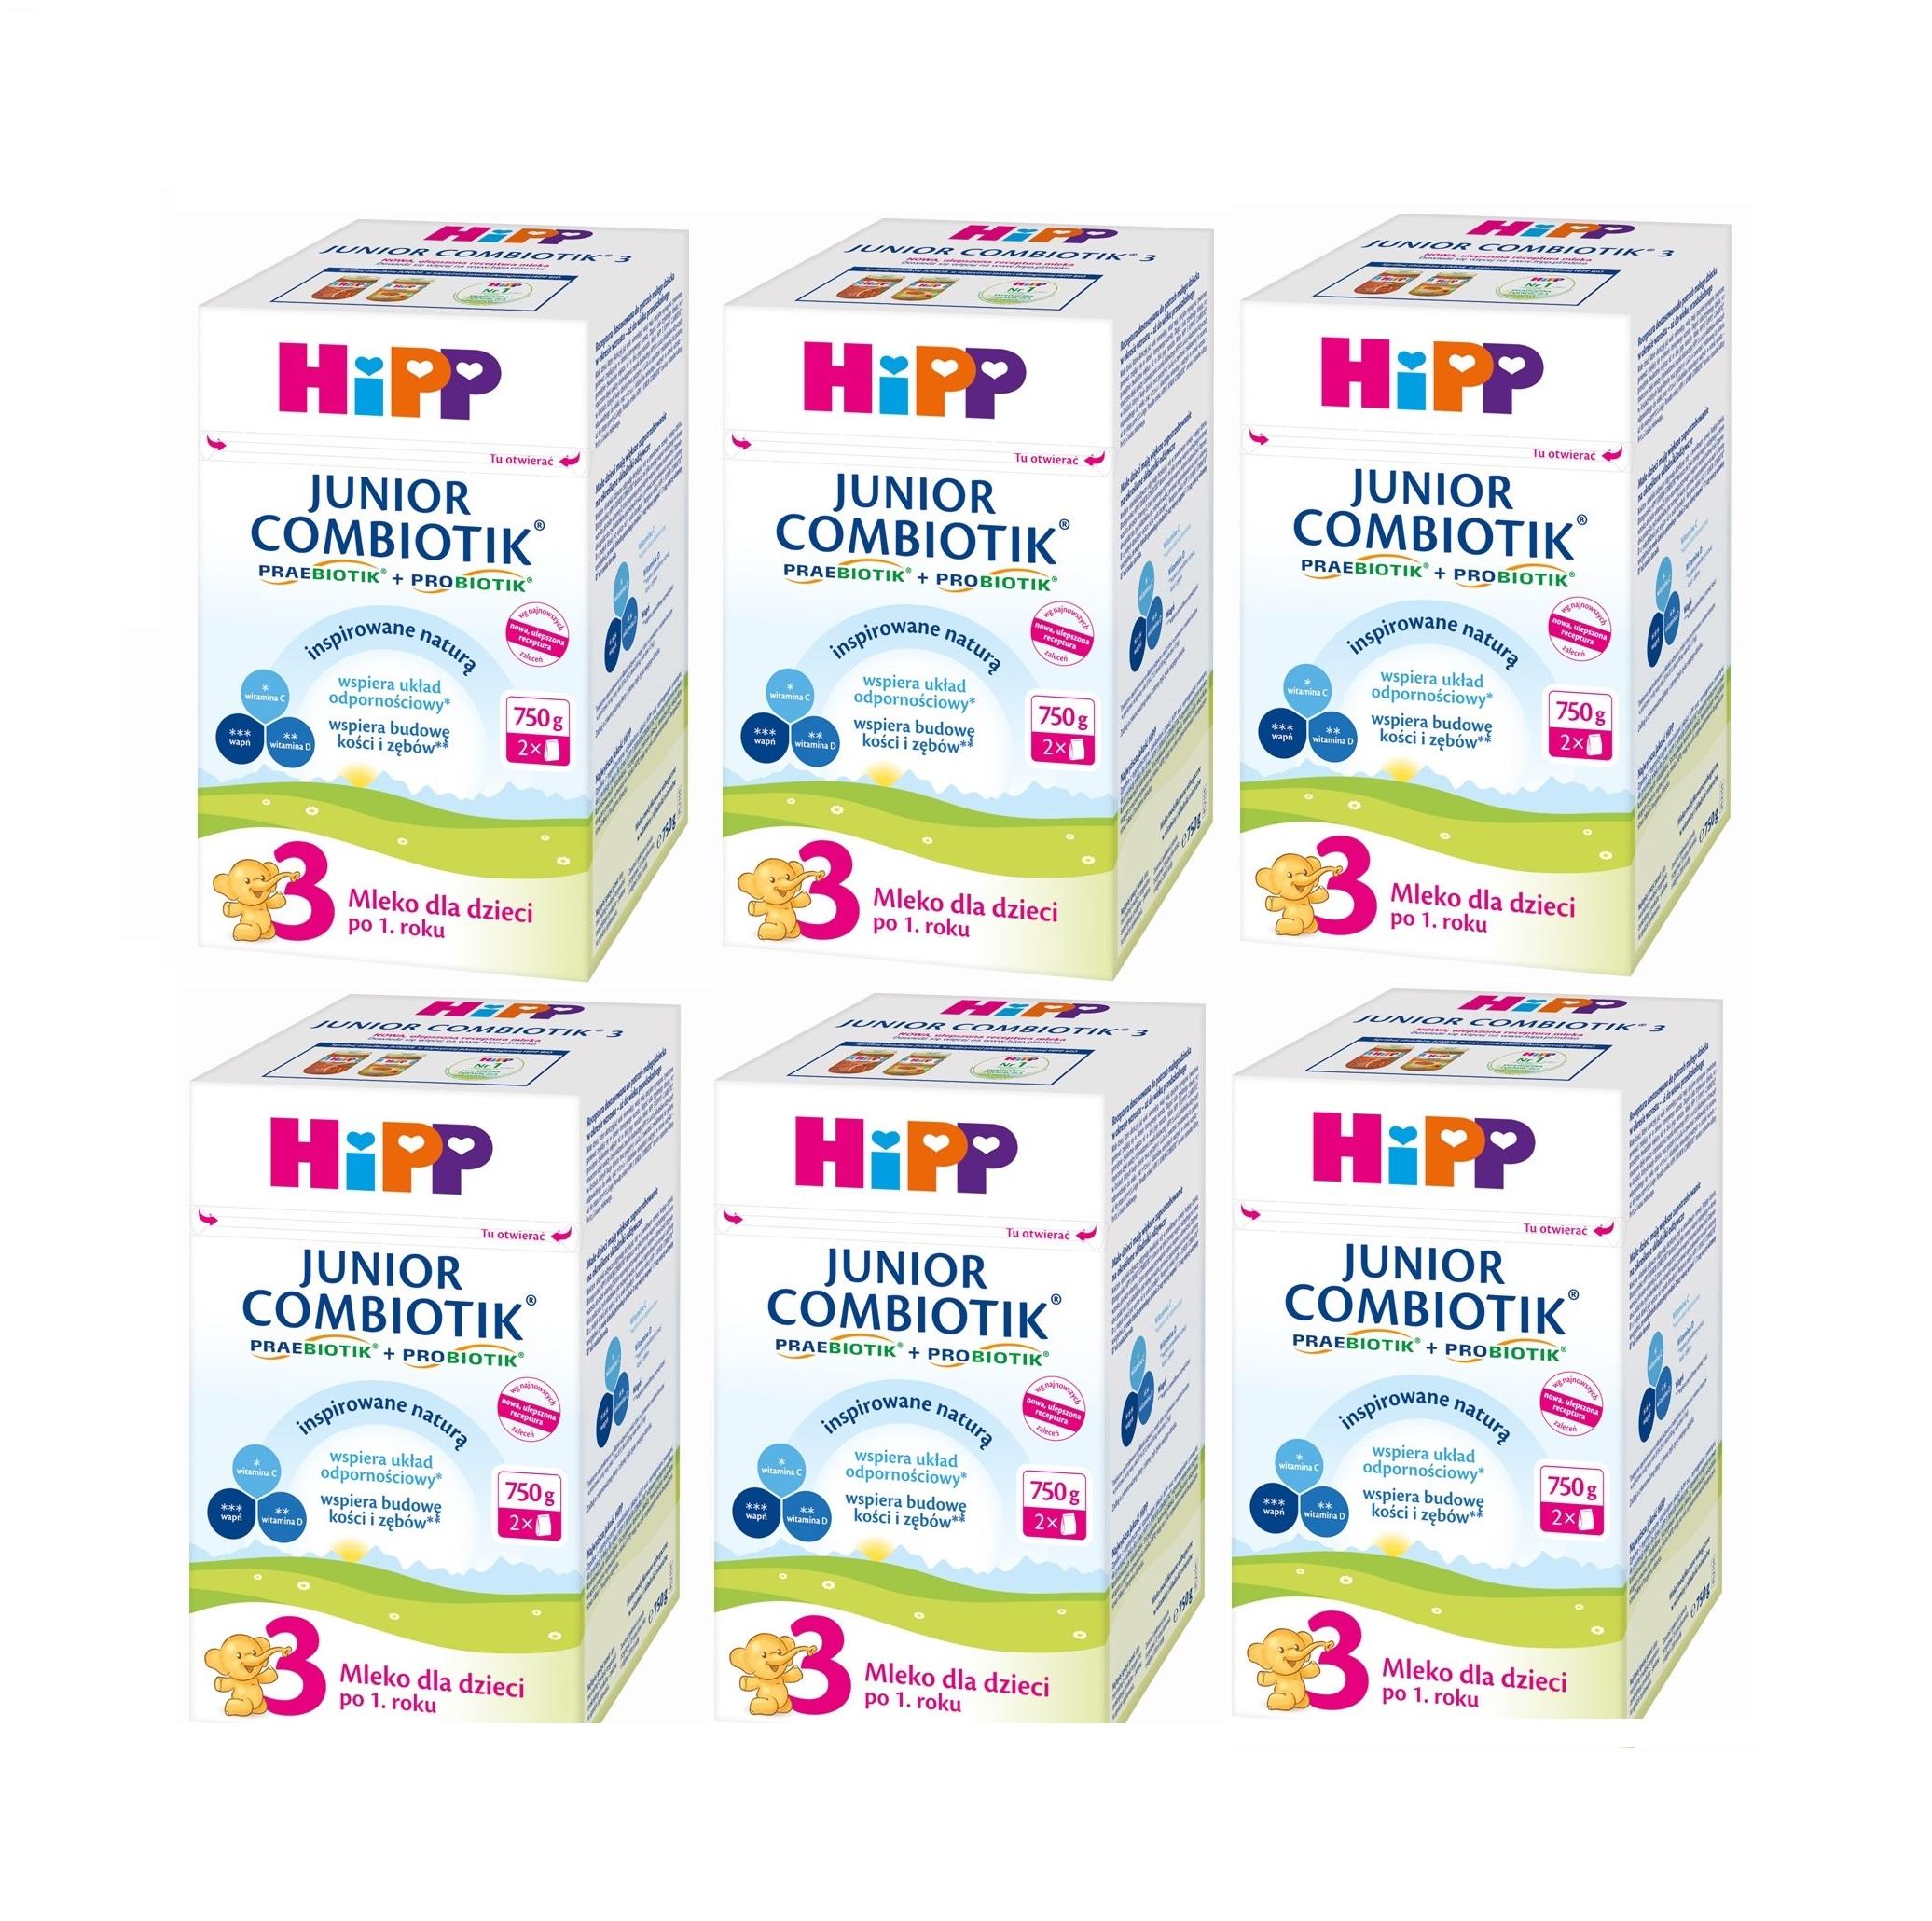 mleko 3 6x_750g hipp bez znaczka